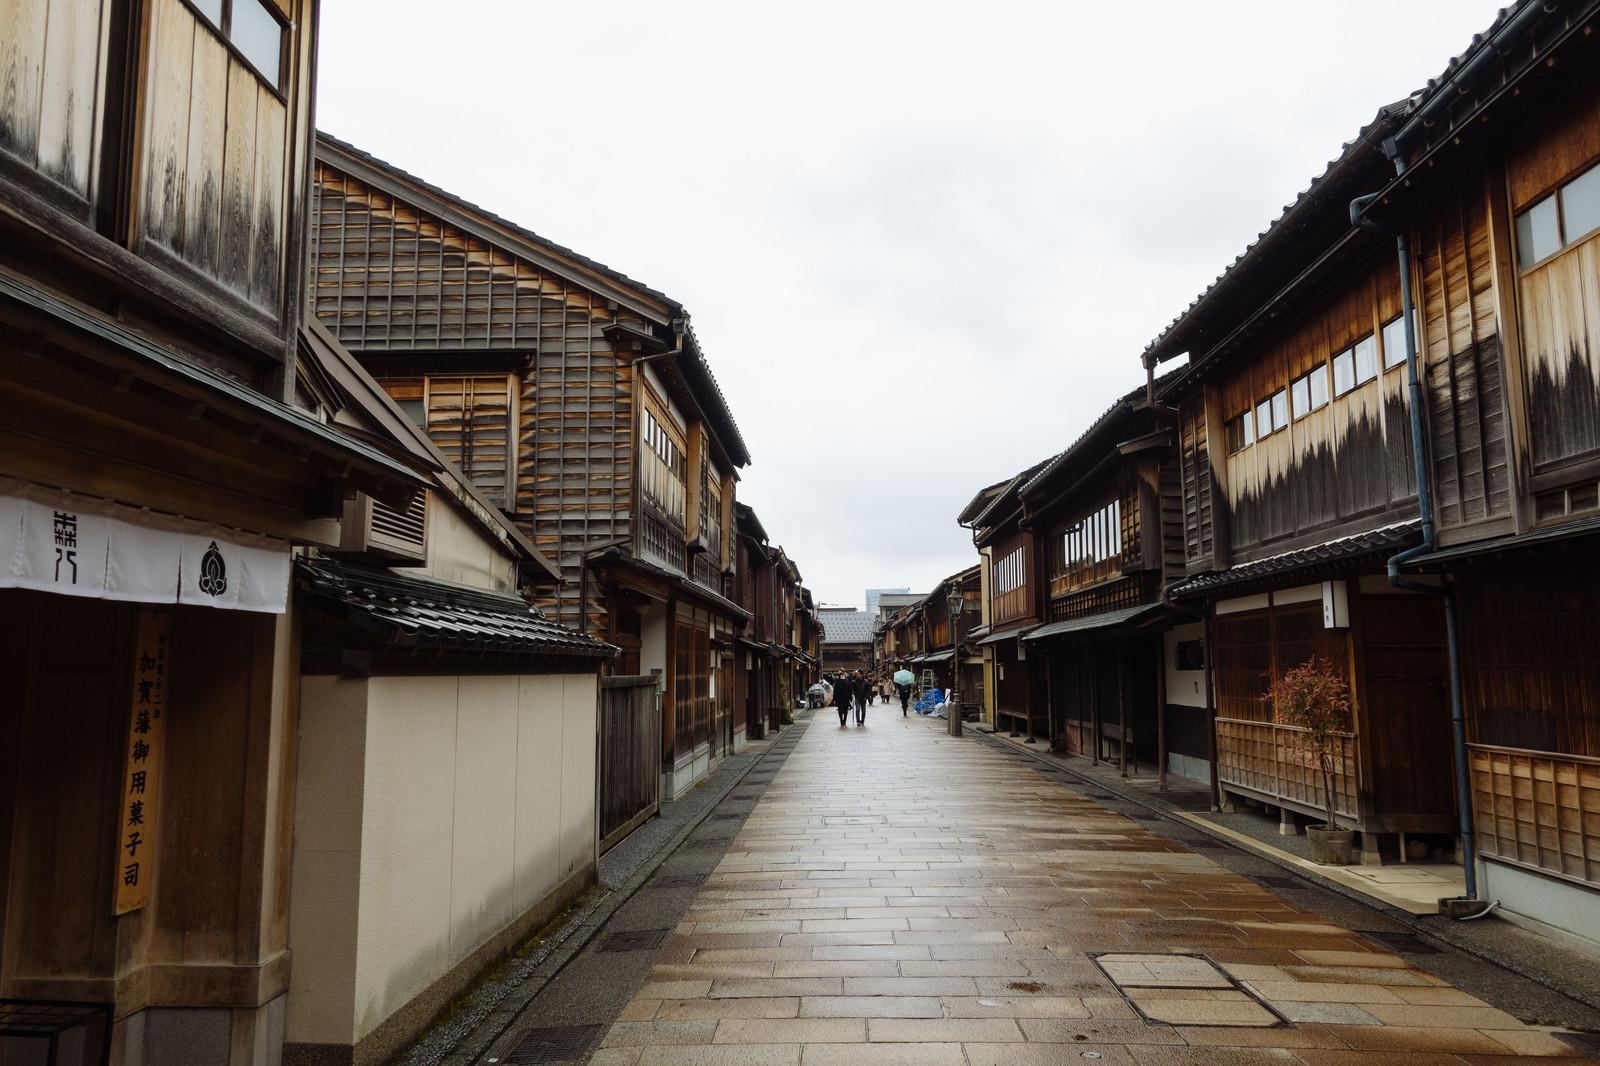 小樽のスヌーピー茶屋に行こう!和風のメニューやかわいいグッズをご紹介!